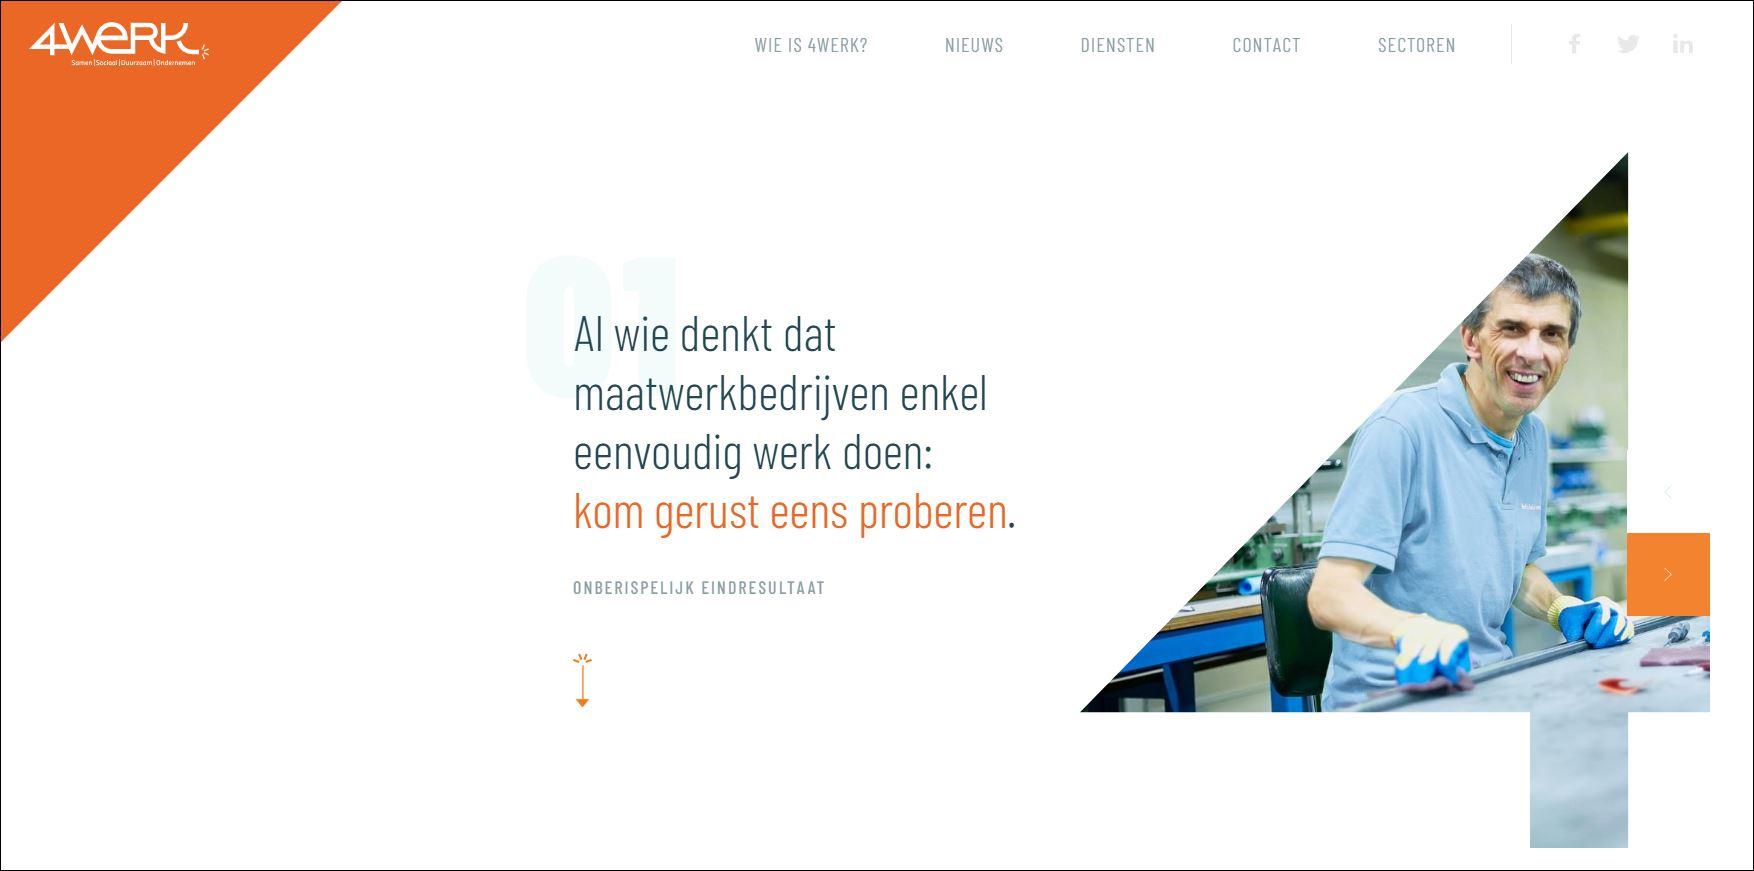 4Werk lanceert nieuwe website